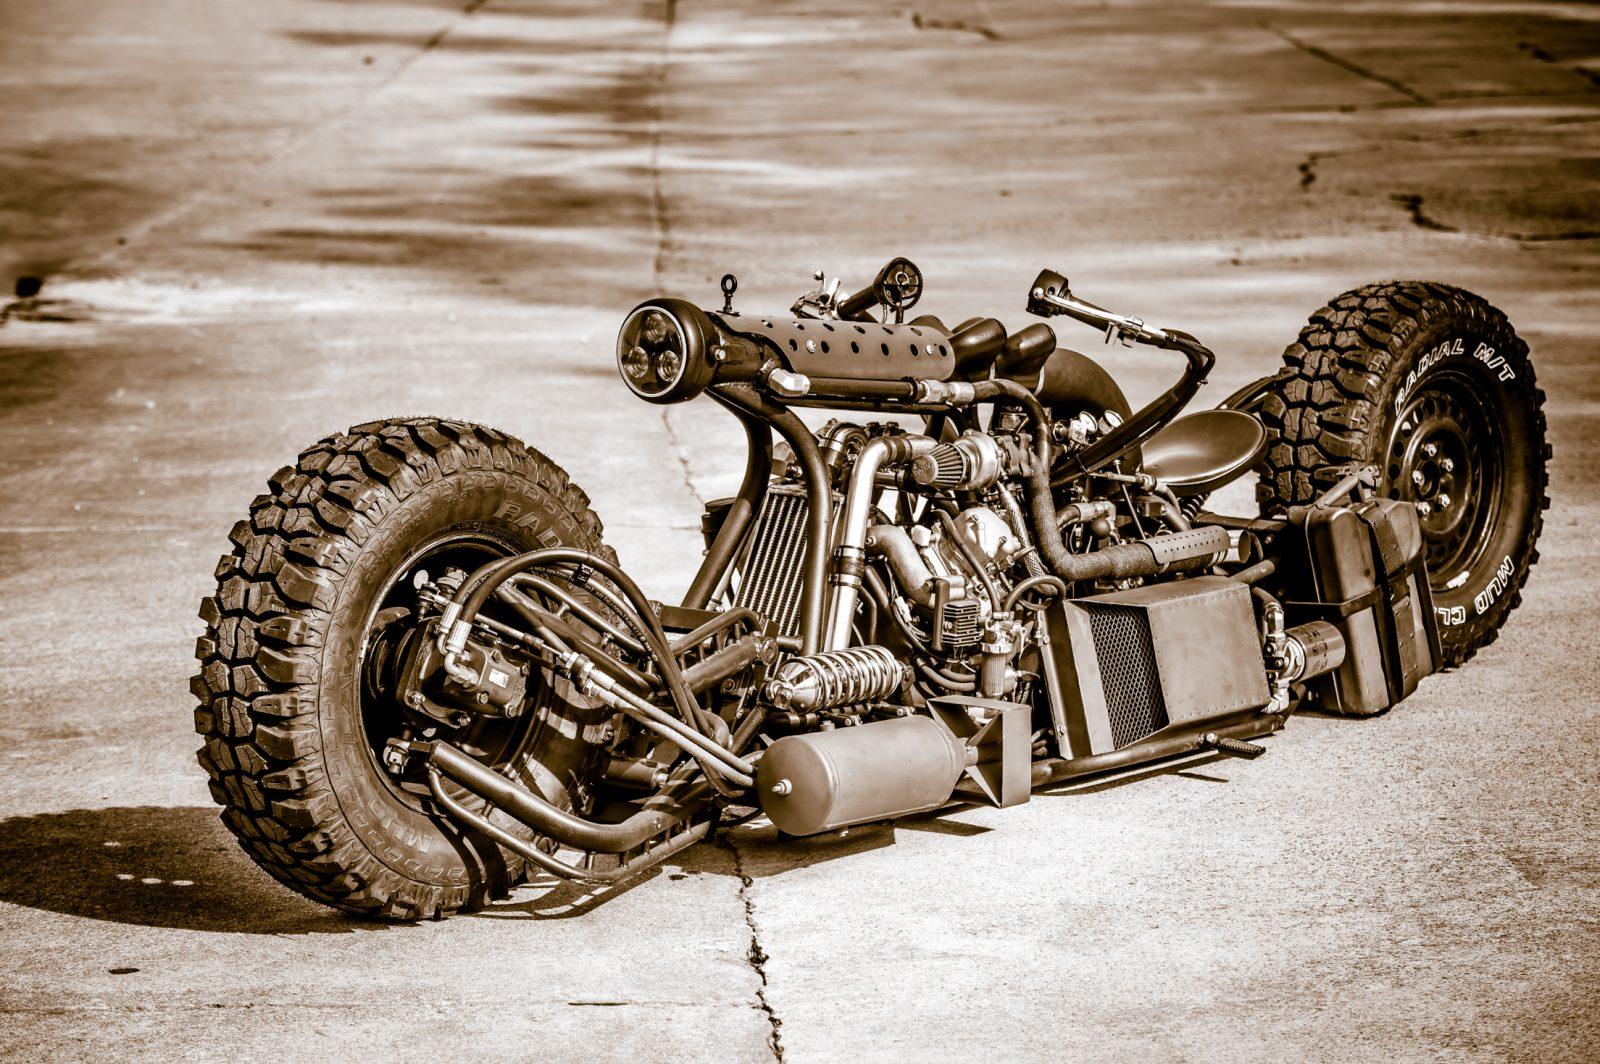 diesel motorcycle 1600x1064